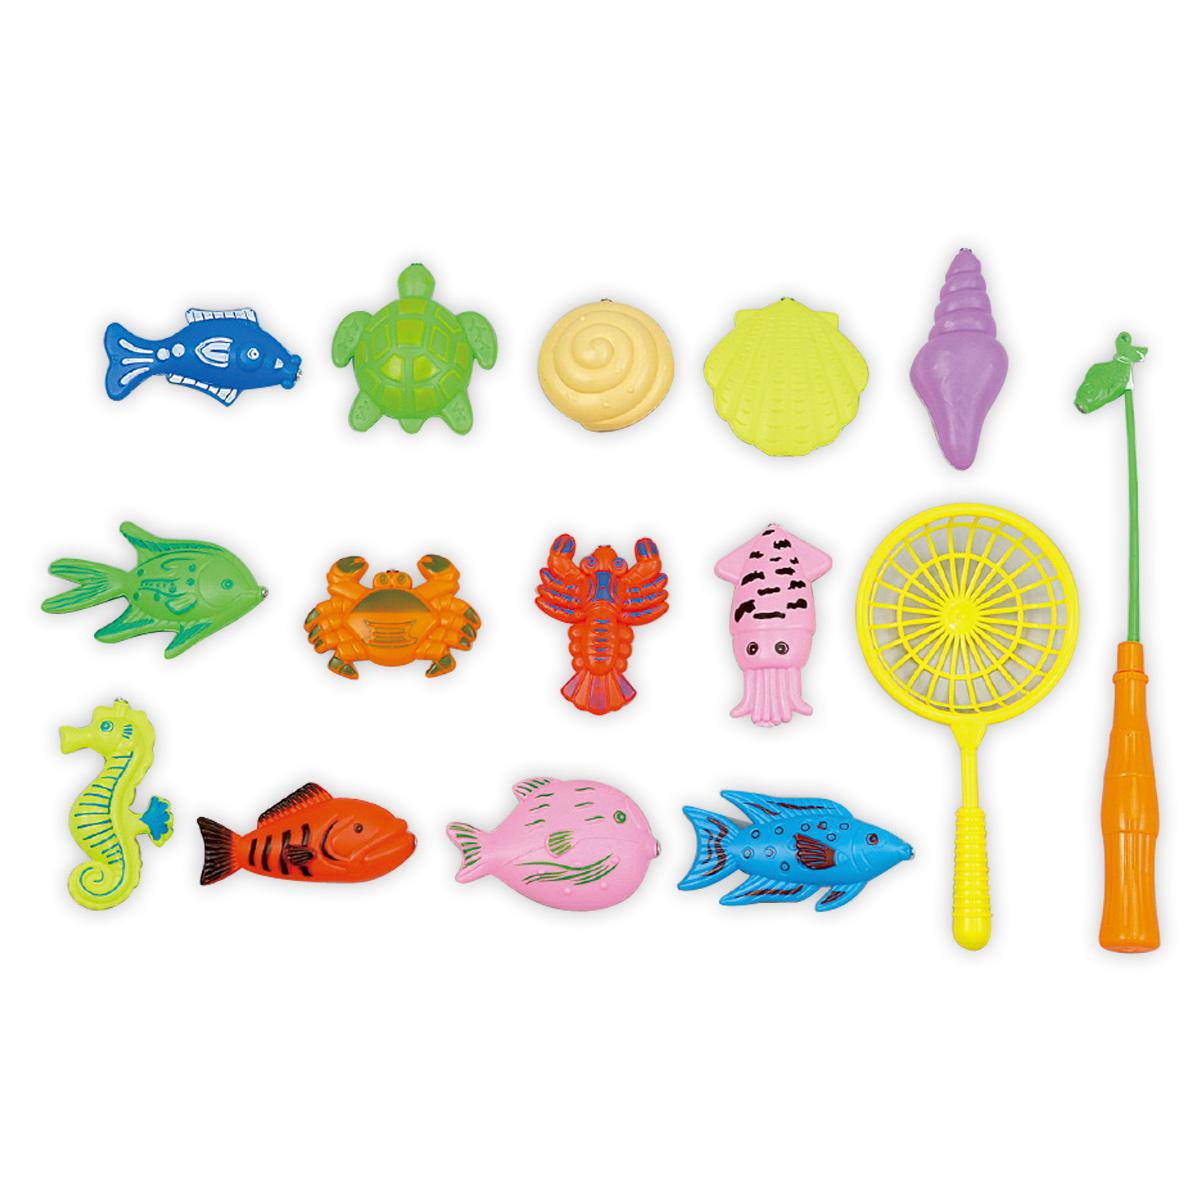 魚釣りゲーム おもちゃ おさかながいっぱい キッズ 子供 男の子 女の子 水遊び お風呂 知育玩具 マグネット クリスマスプレゼント